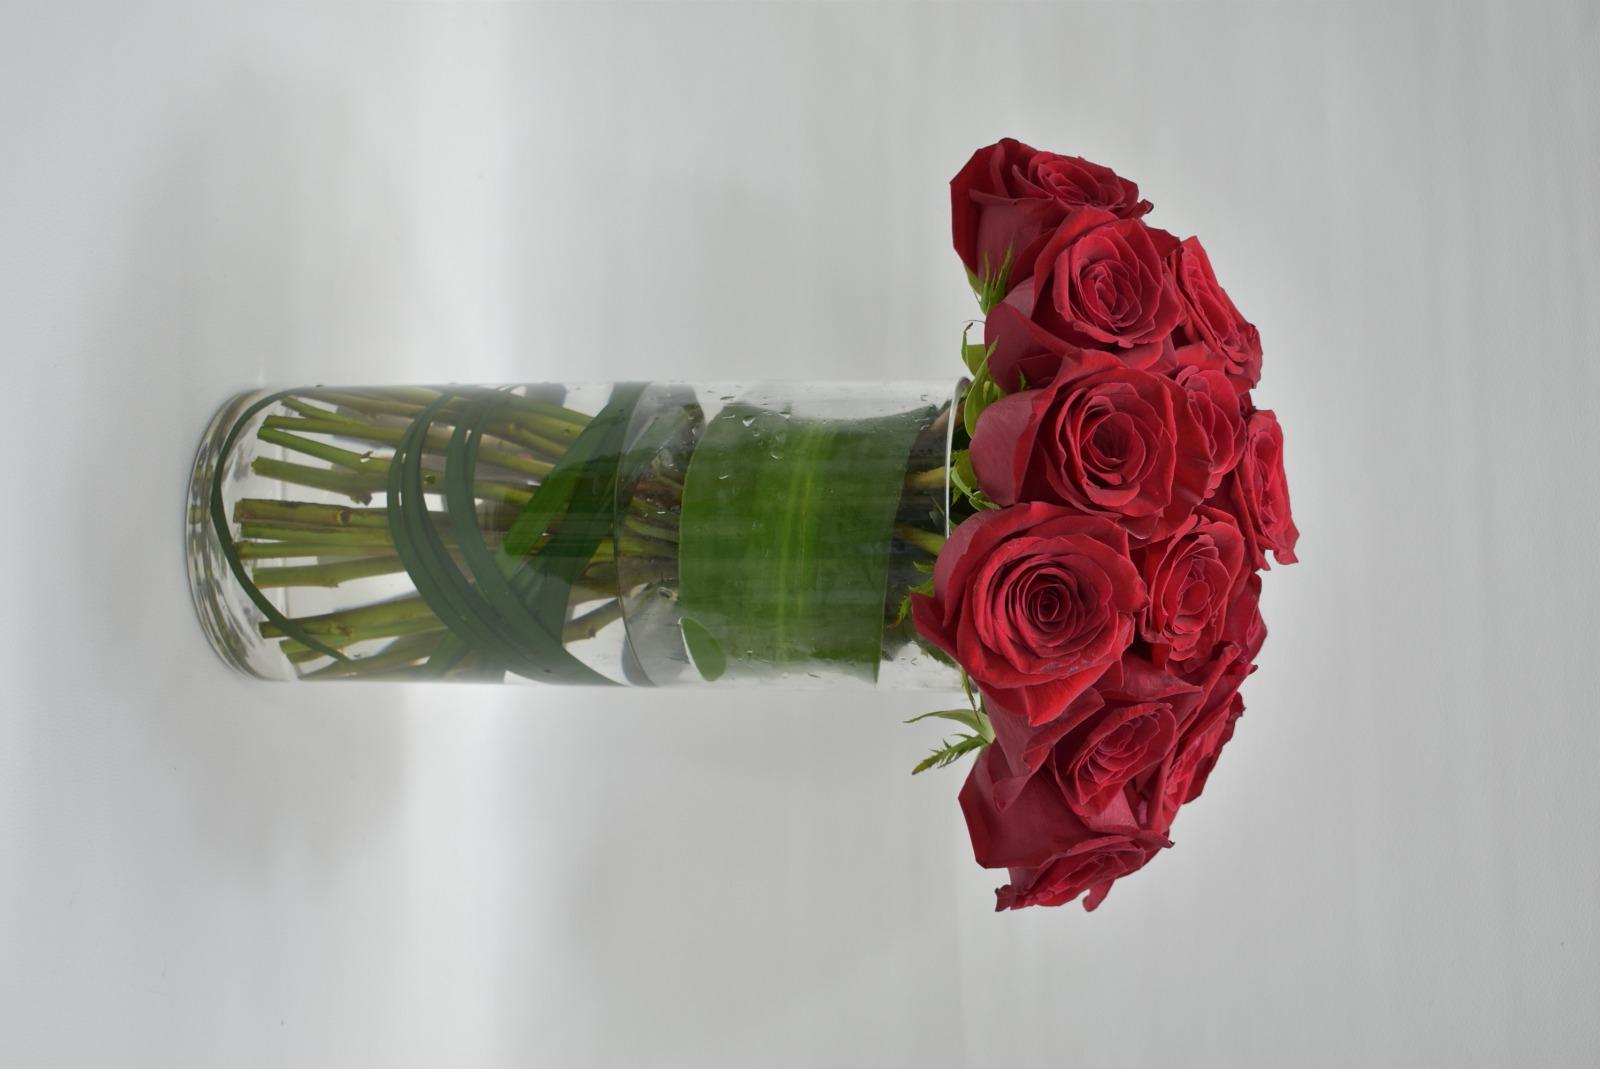 مزهرية جوري - أحمر 'زهور مع قاعدة زهور مع قاعدة